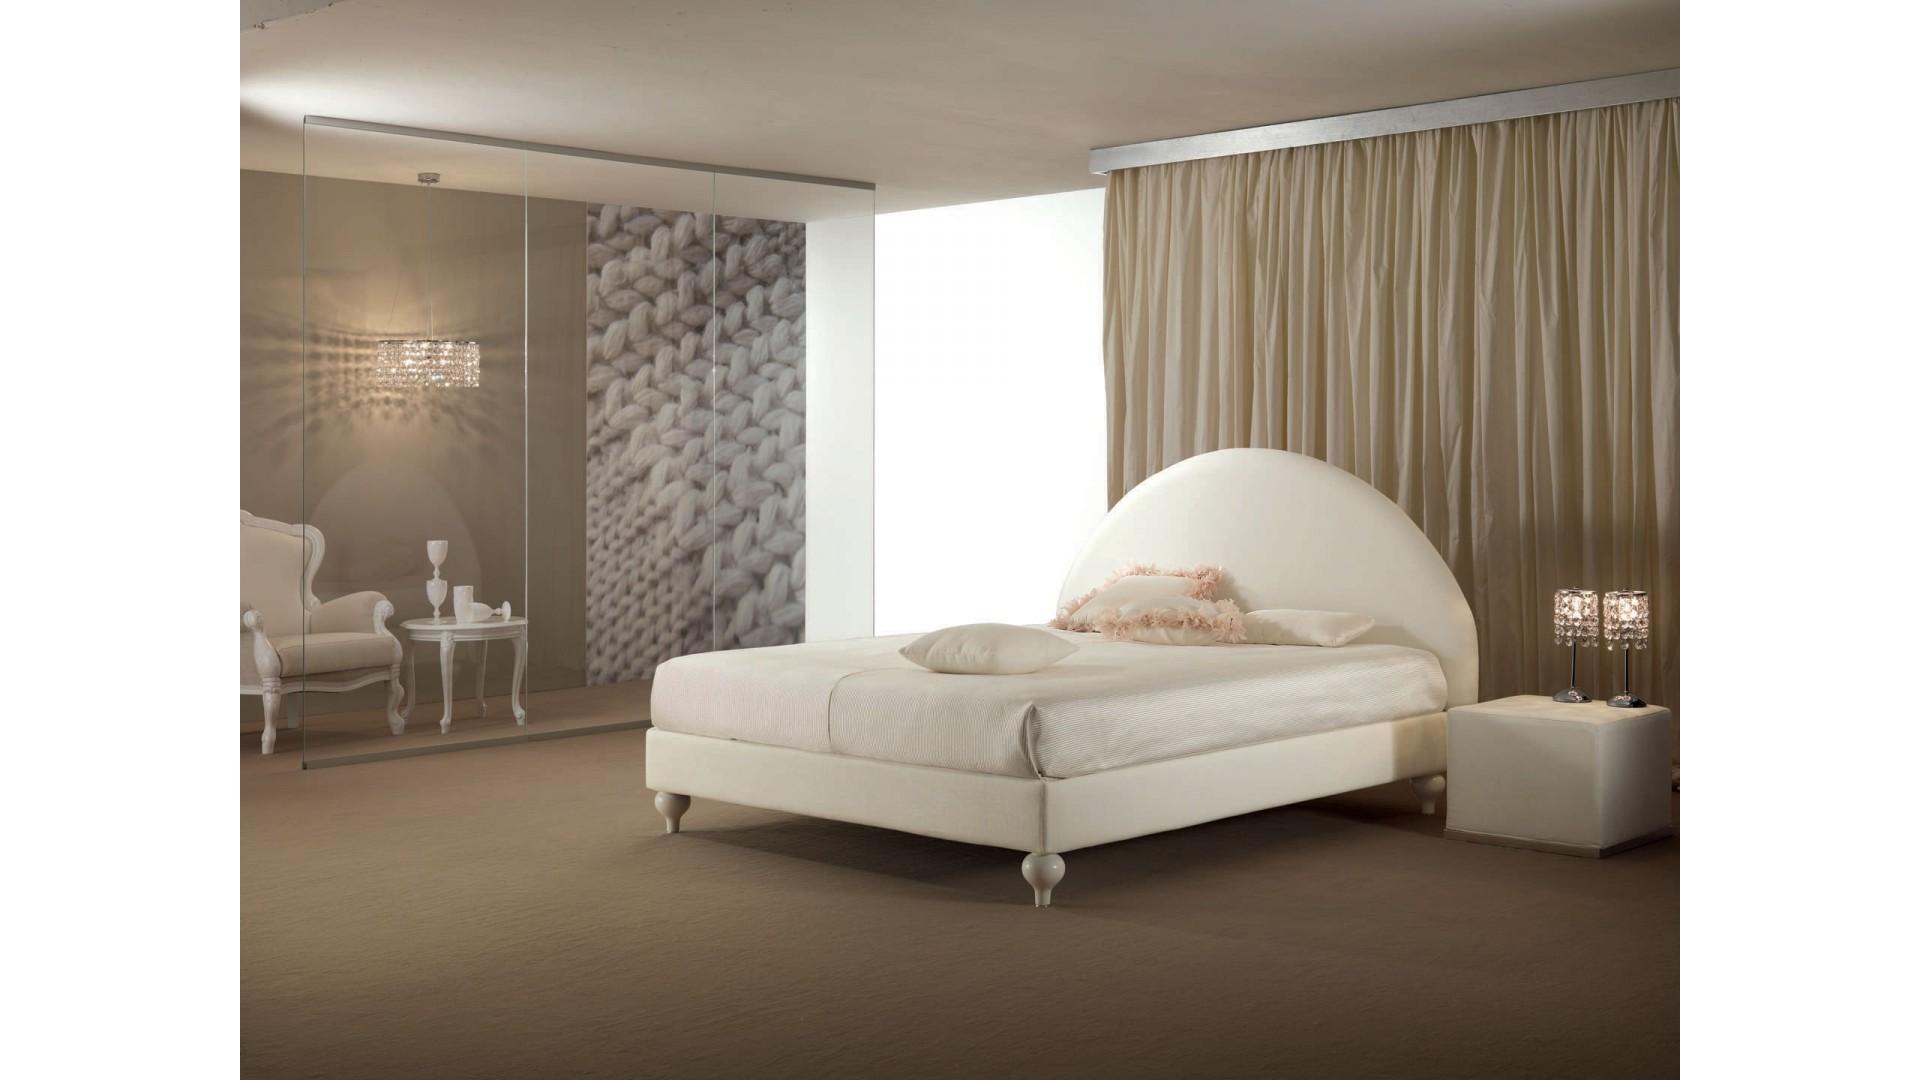 lit double nuvola l avec t te de lit arrondie piermaria. Black Bedroom Furniture Sets. Home Design Ideas